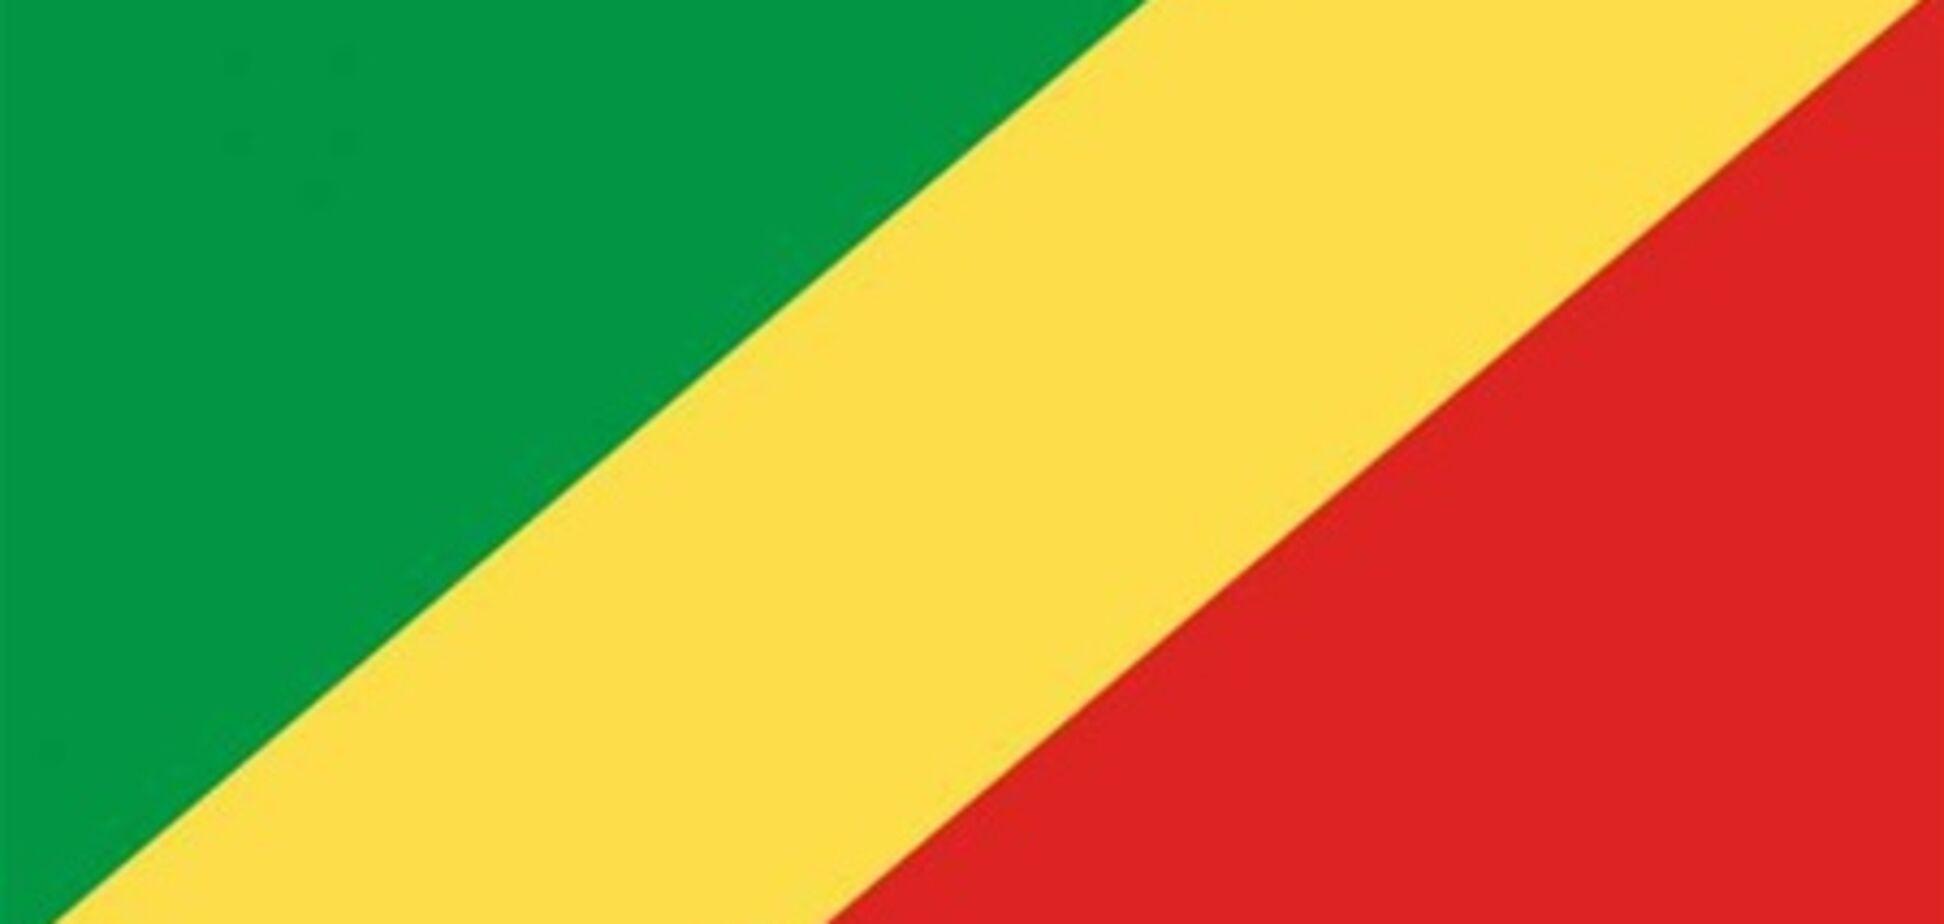 В Конго столкнулись речные судна: сотни погибших